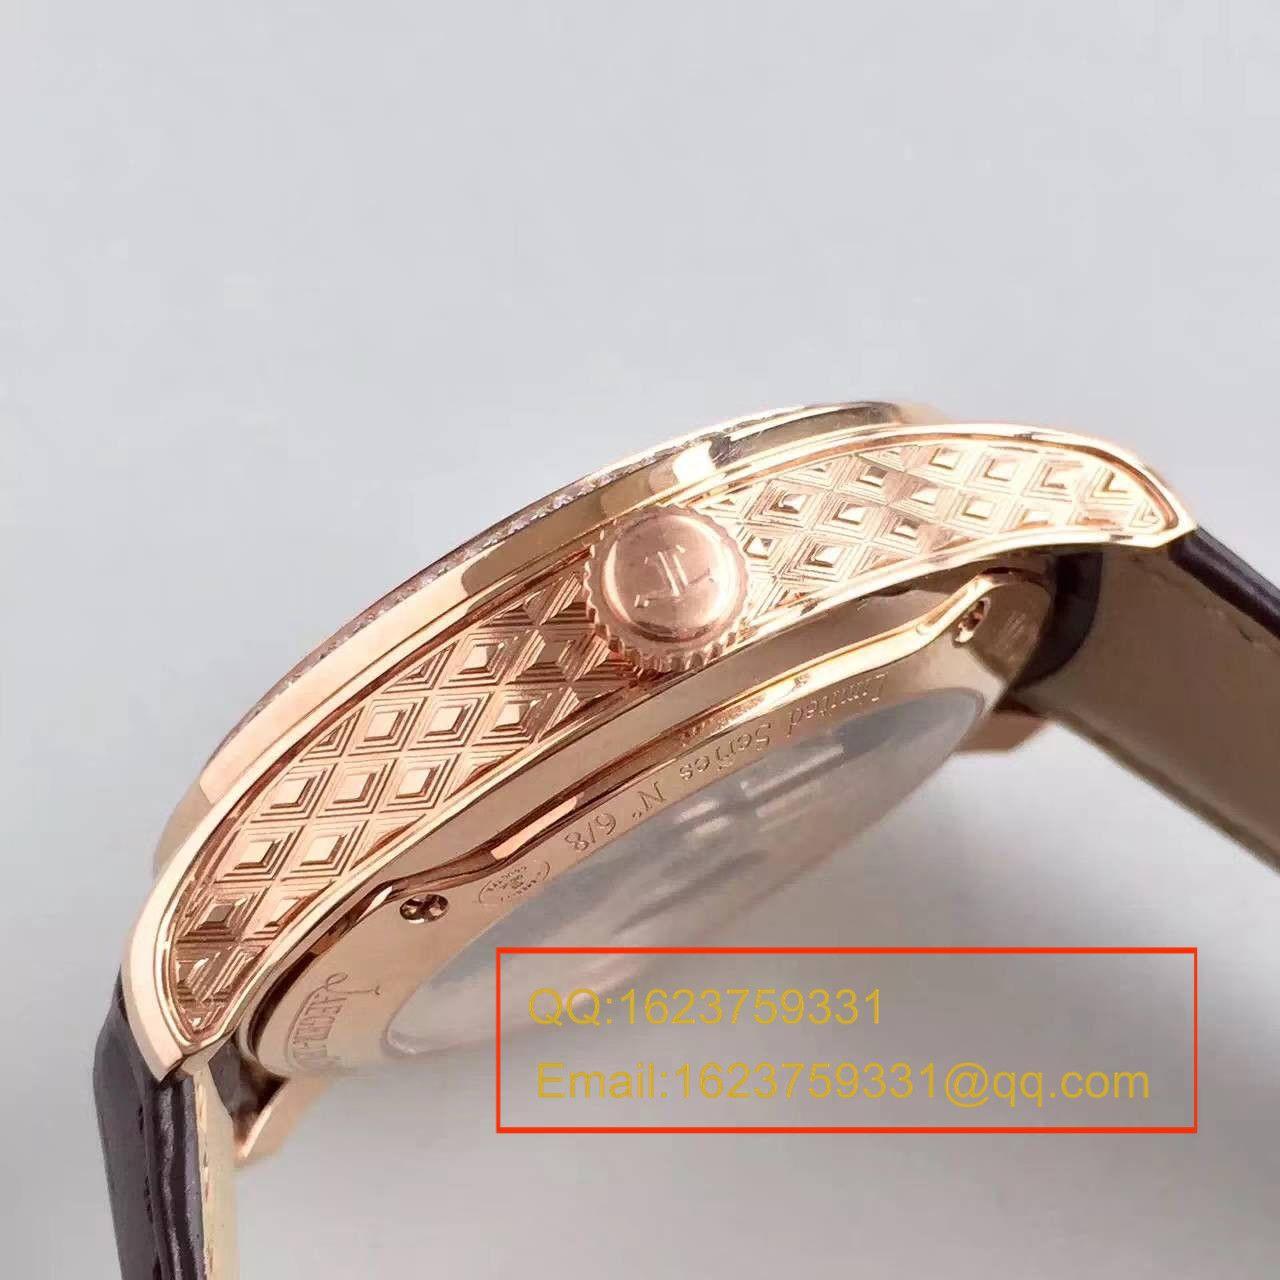 【TF厂一比一超A精仿手表】积家约会系列Q3412405陀飞轮腕表